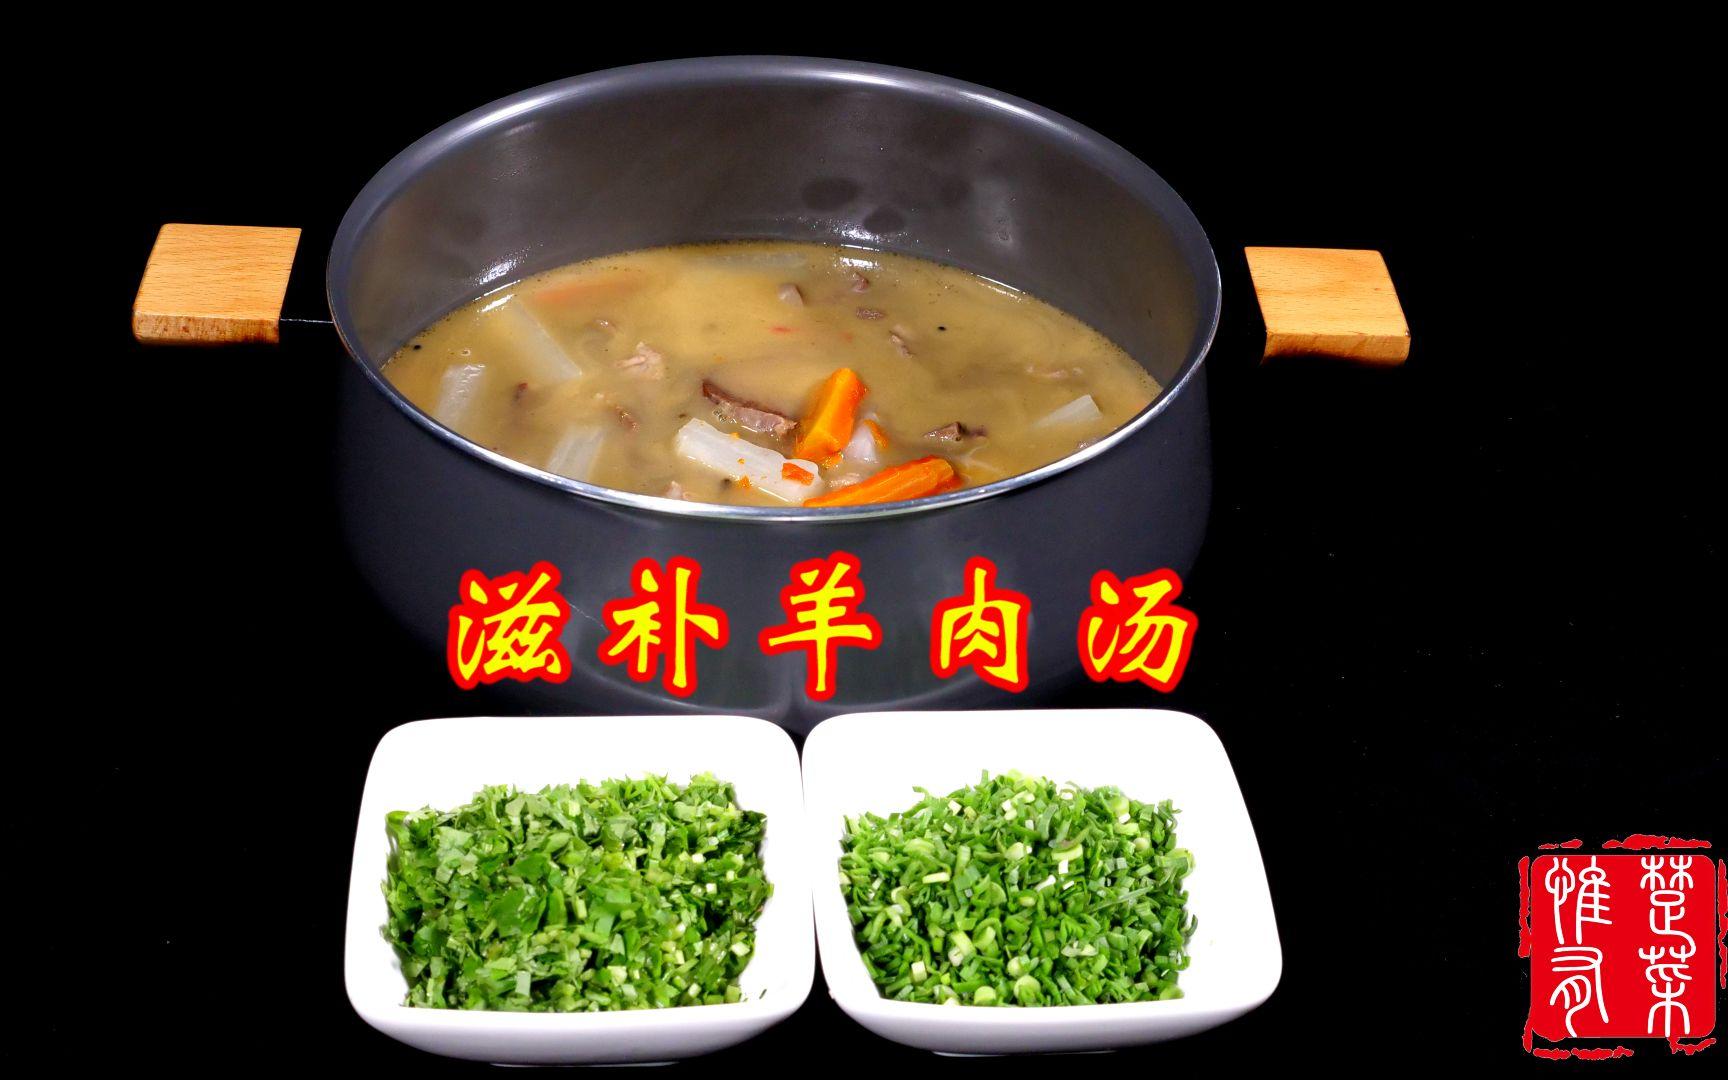 炖好羊肉汤很简单!大厨教你两招,在家炖出汤鲜味美的滋补羊肉汤!